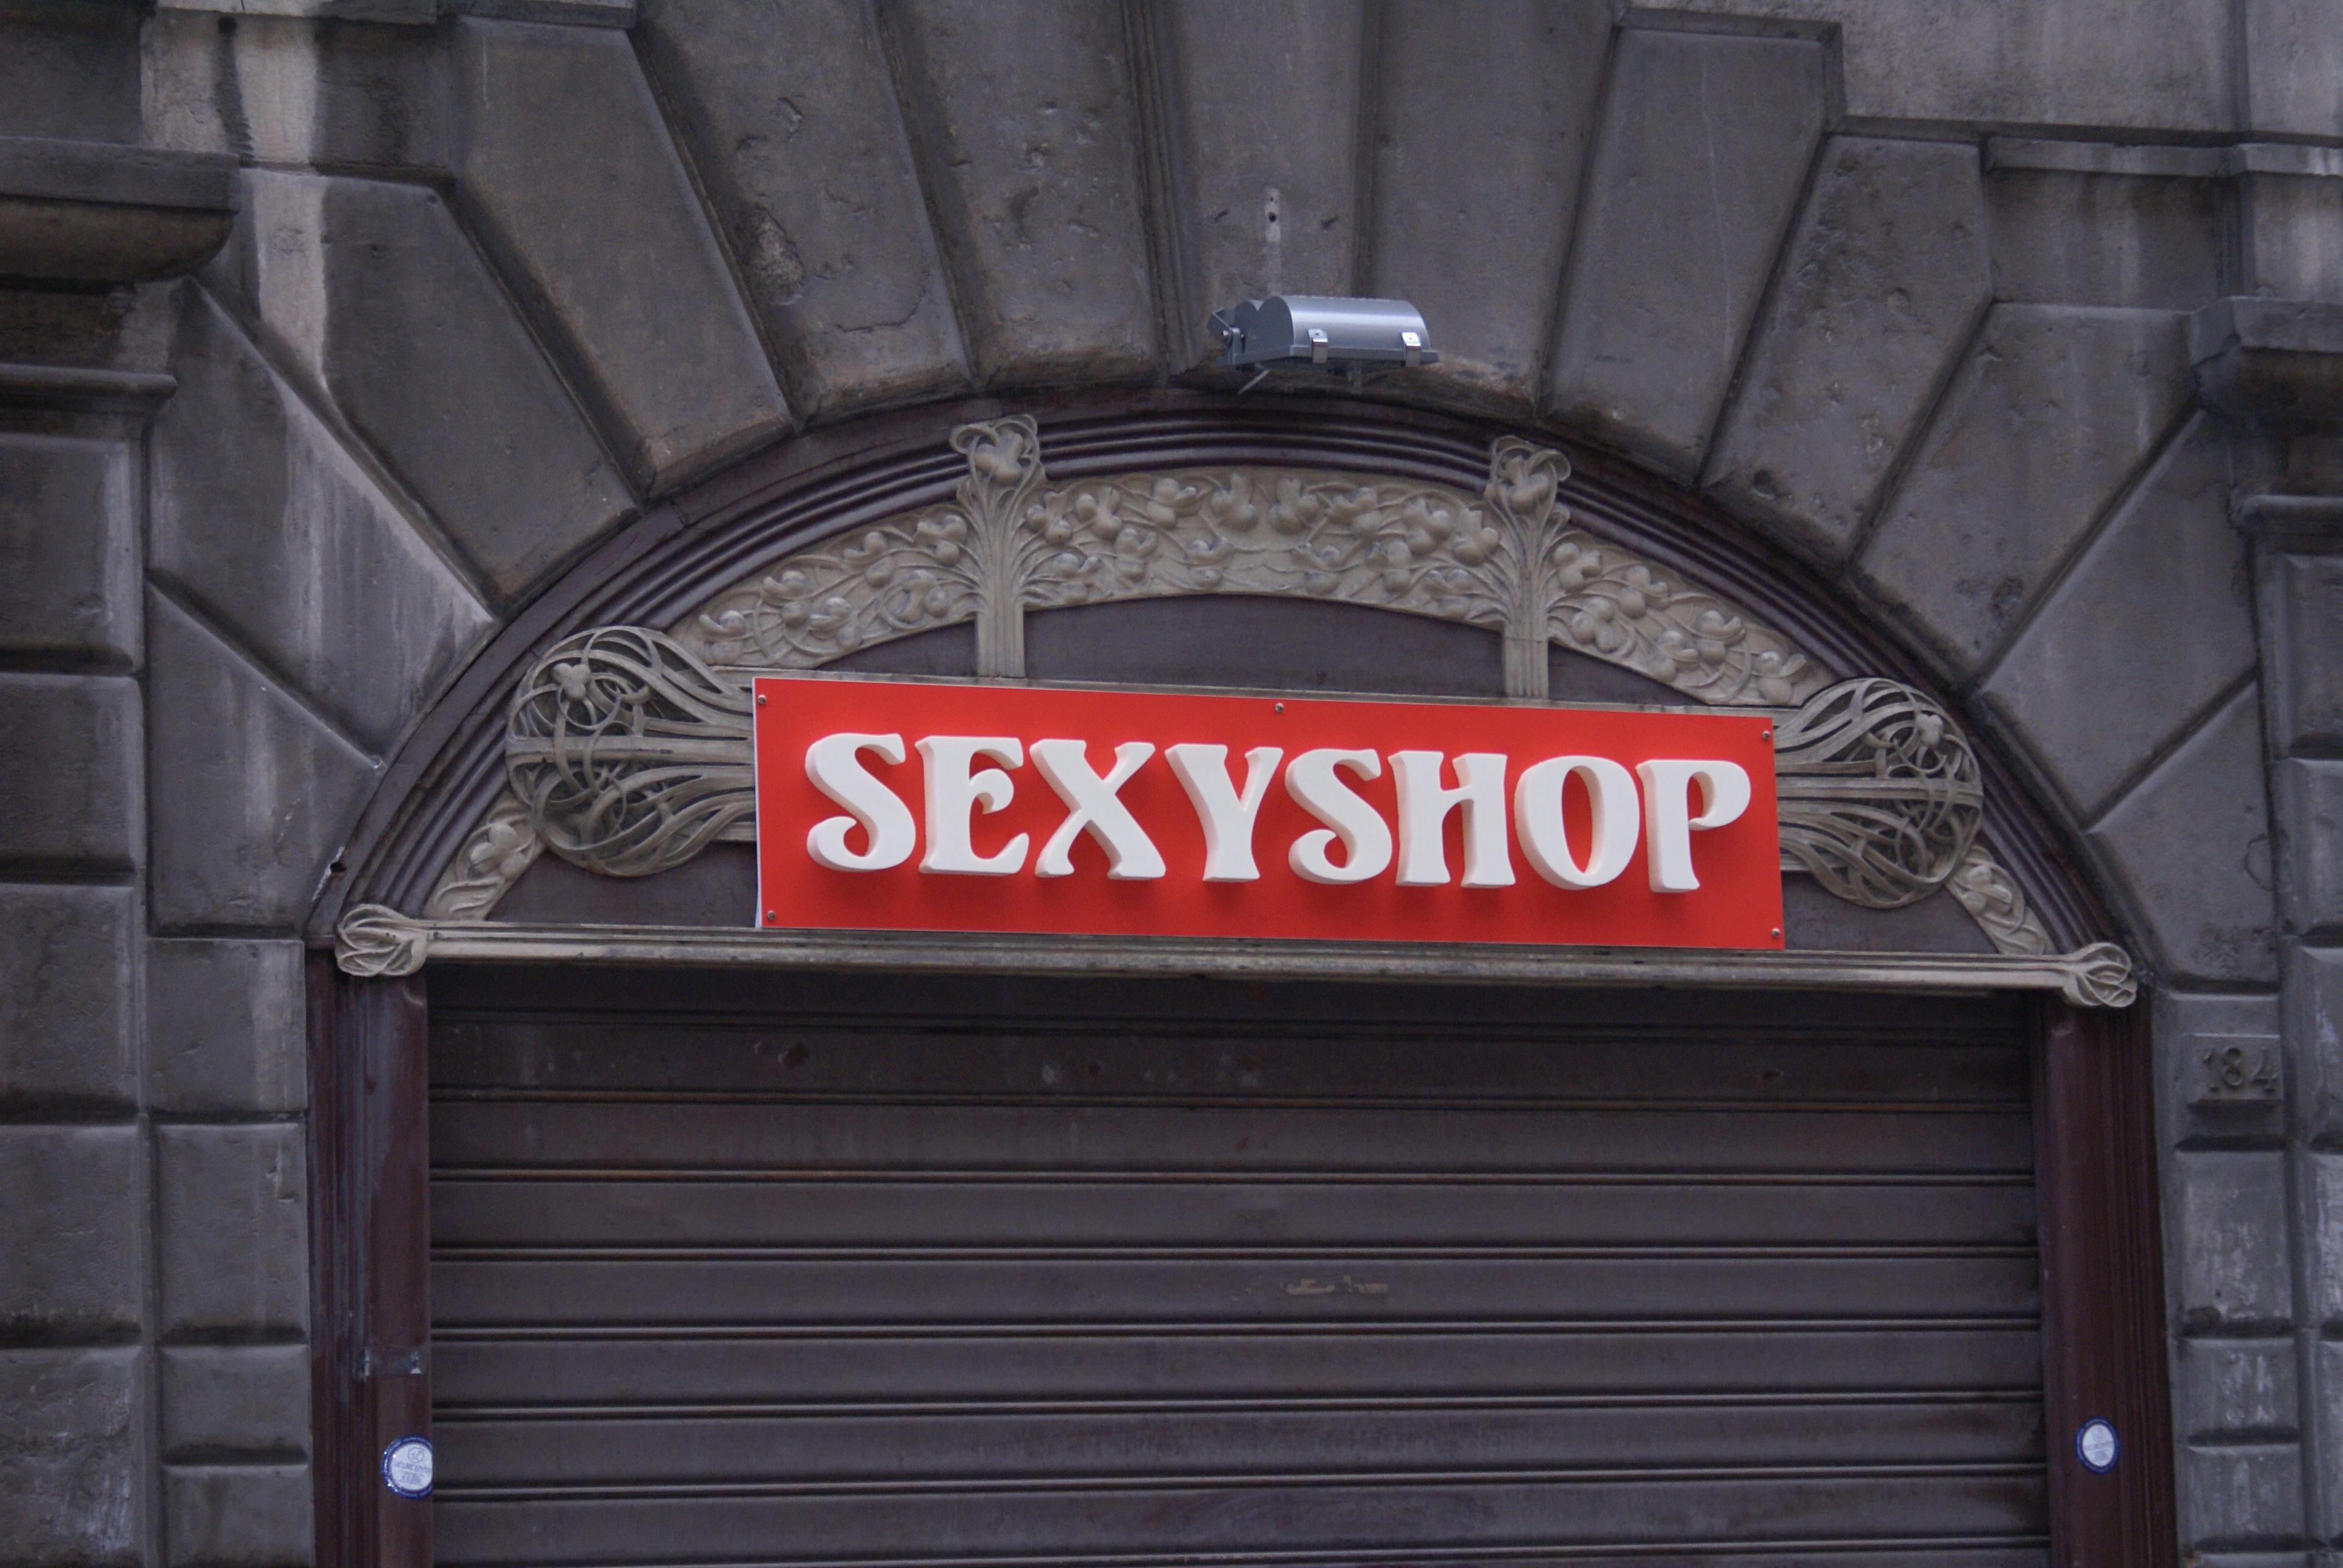 Farmaci in vendita in un sexy shop a Napoli